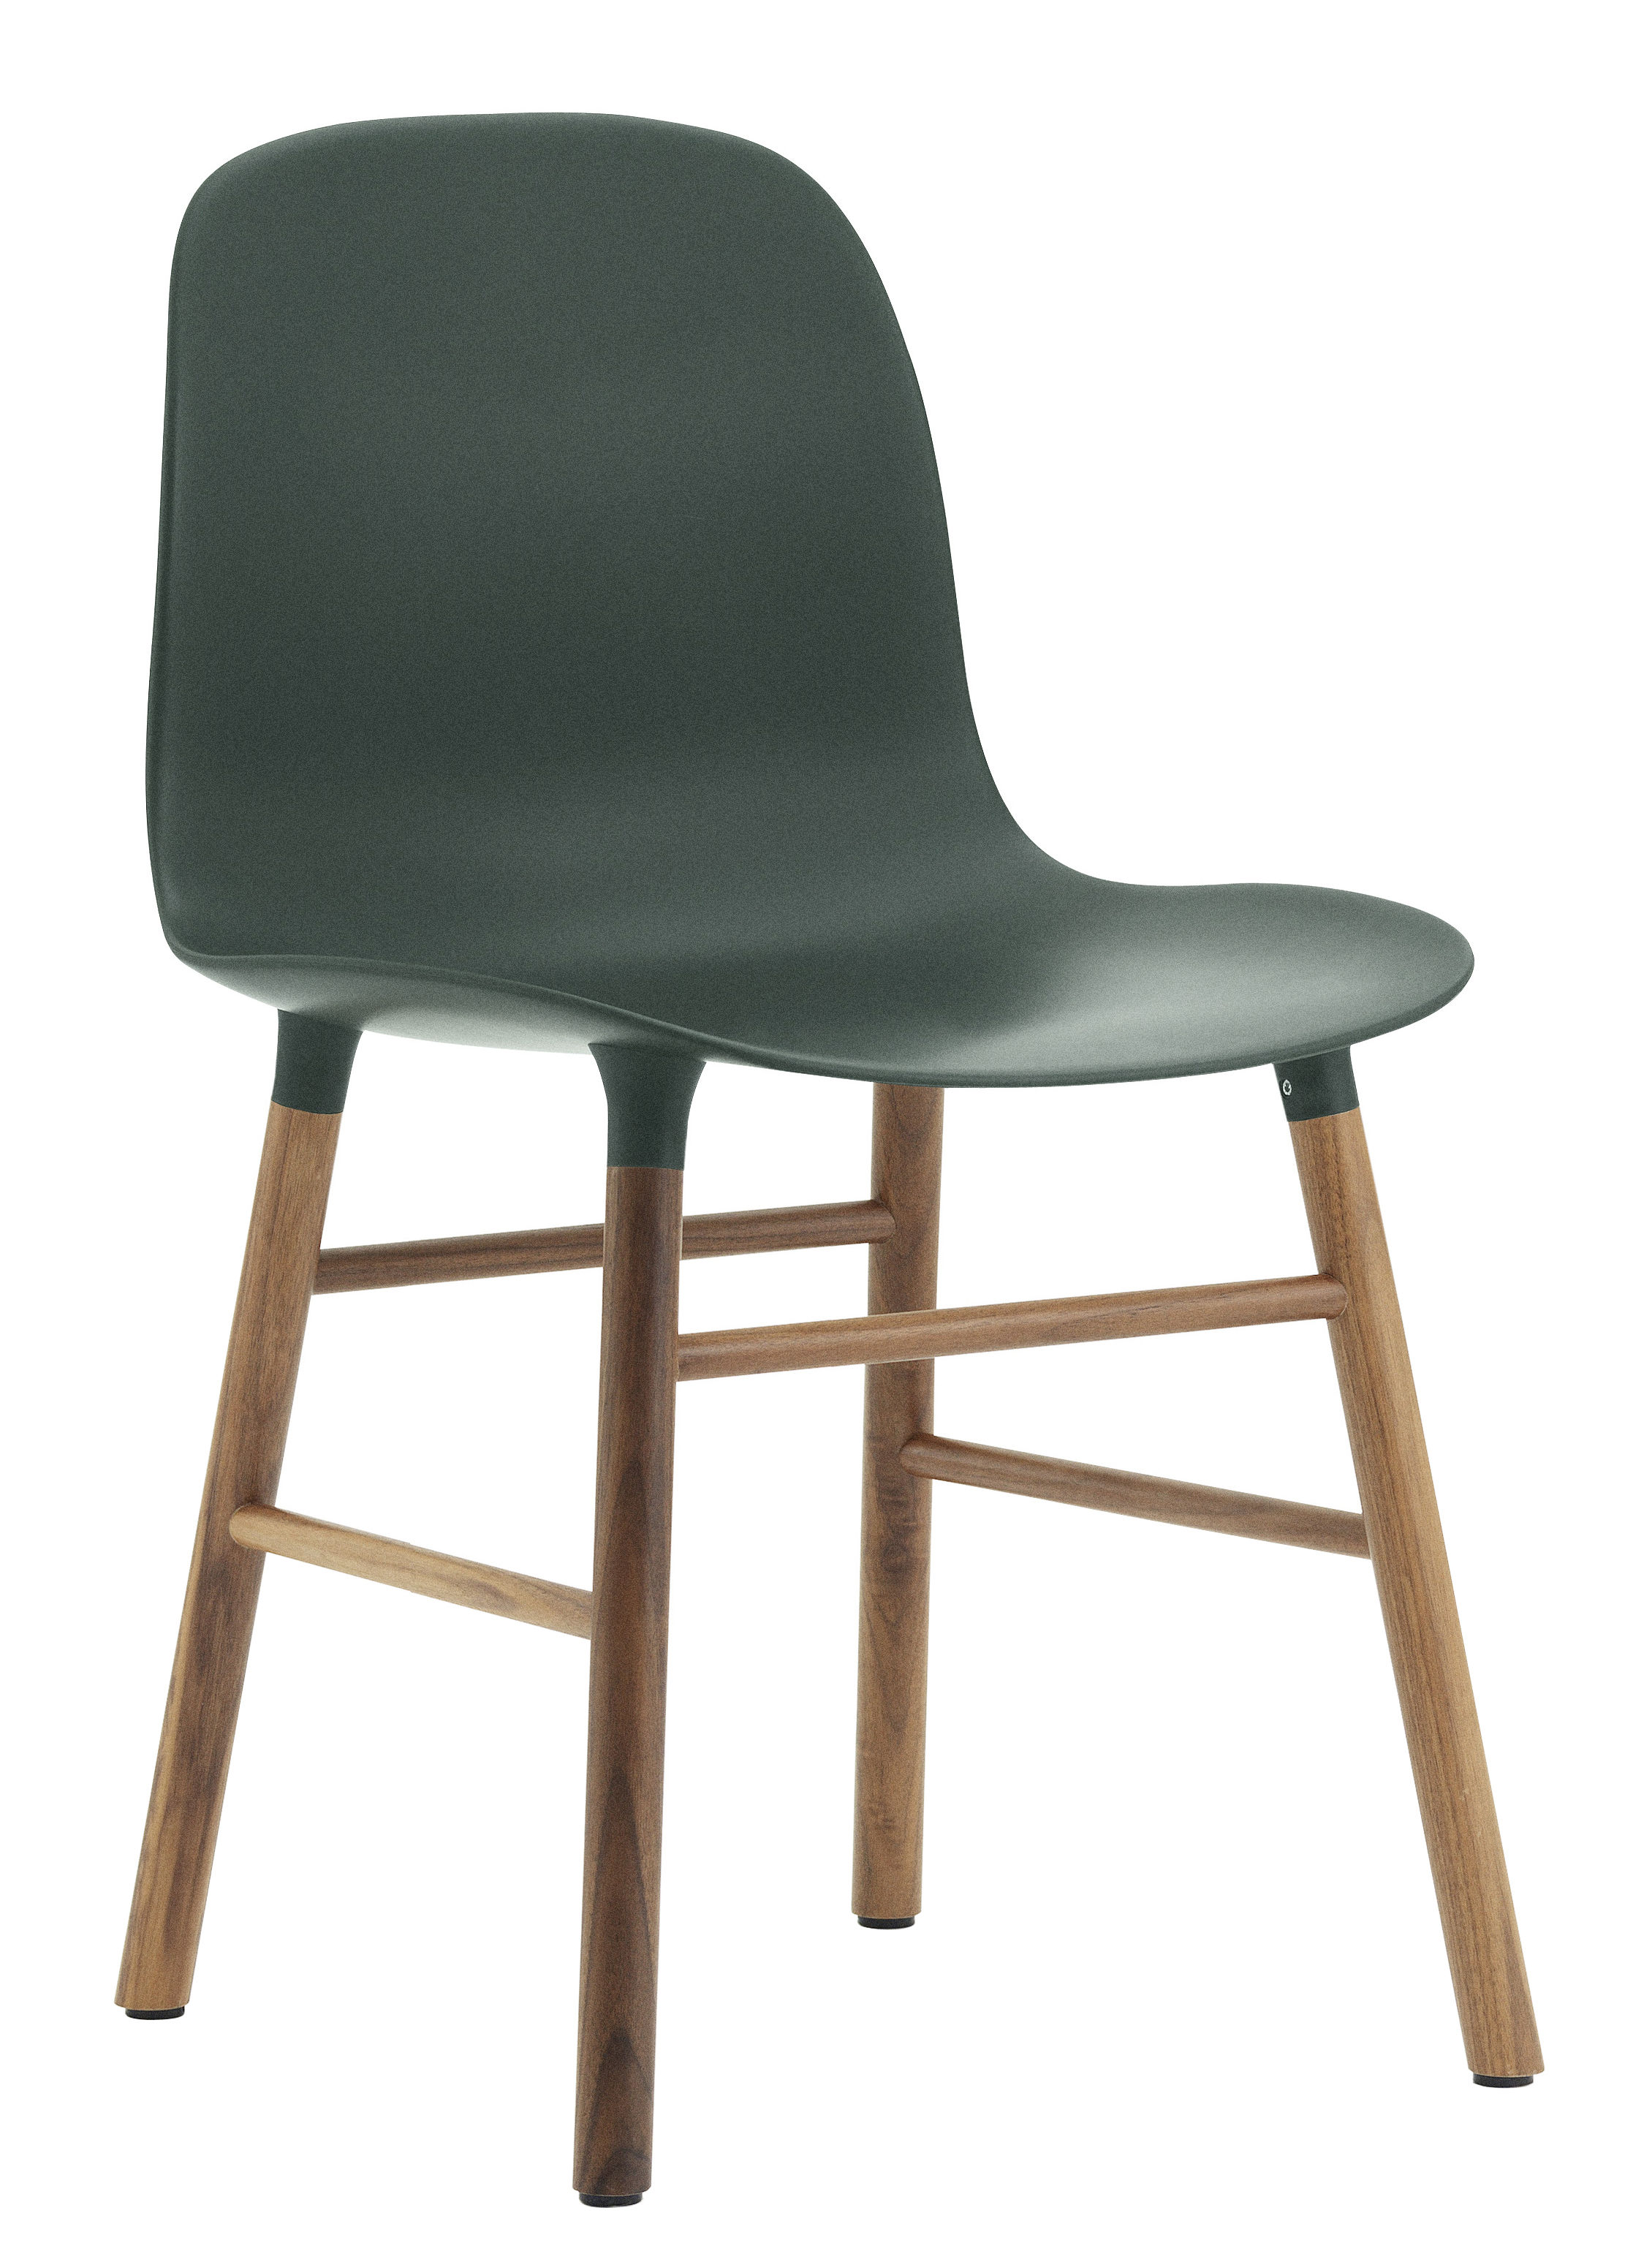 Möbel - Stühle  - Form Stuhl / Stuhlbeine aus Nussbaum - Normann Copenhagen - Grün / Nussbaum - Nussbaum, Polypropylen